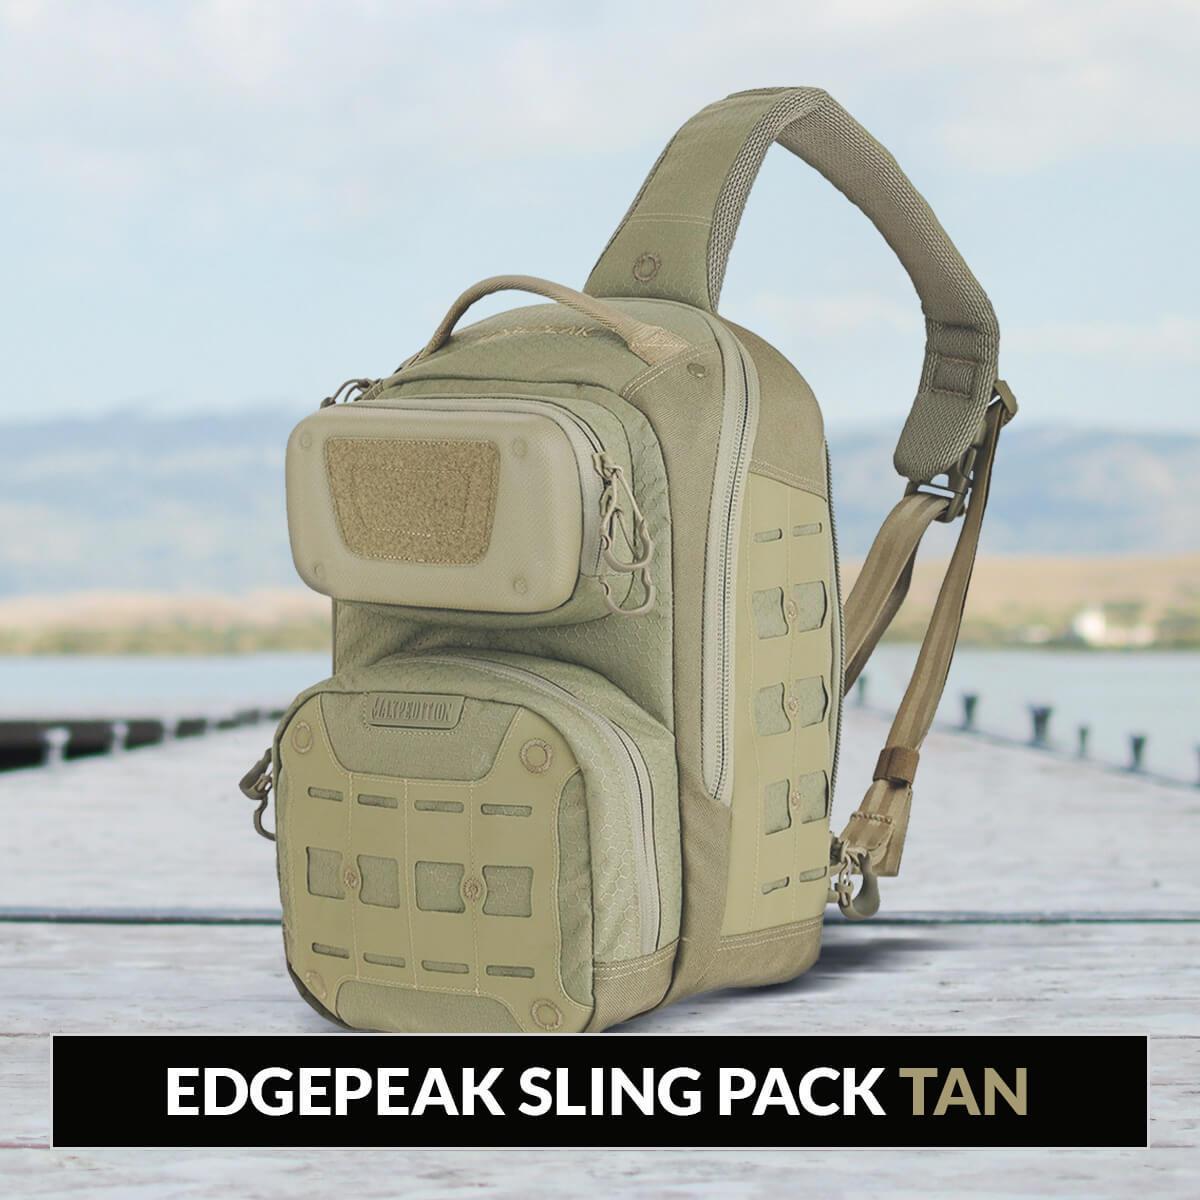 Edgepeak Sling Pack Tan